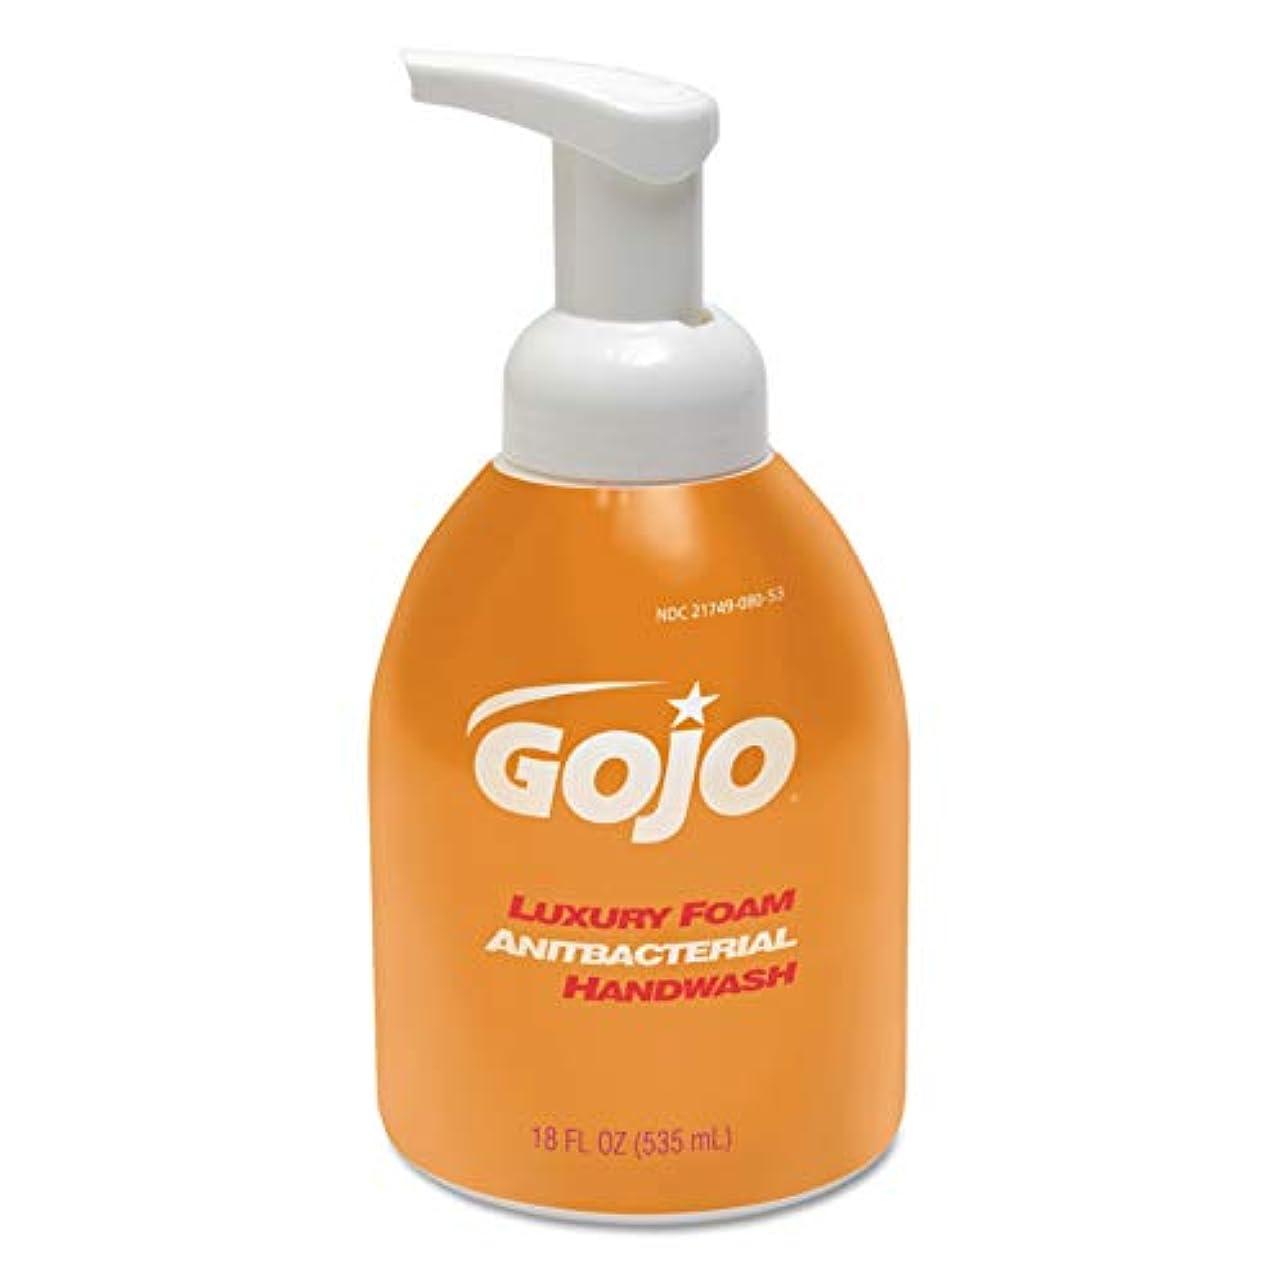 パックリネン無関心Luxury Foam Antibacterial Handwash, Orange Blossom, 18 oz Pump (並行輸入品)